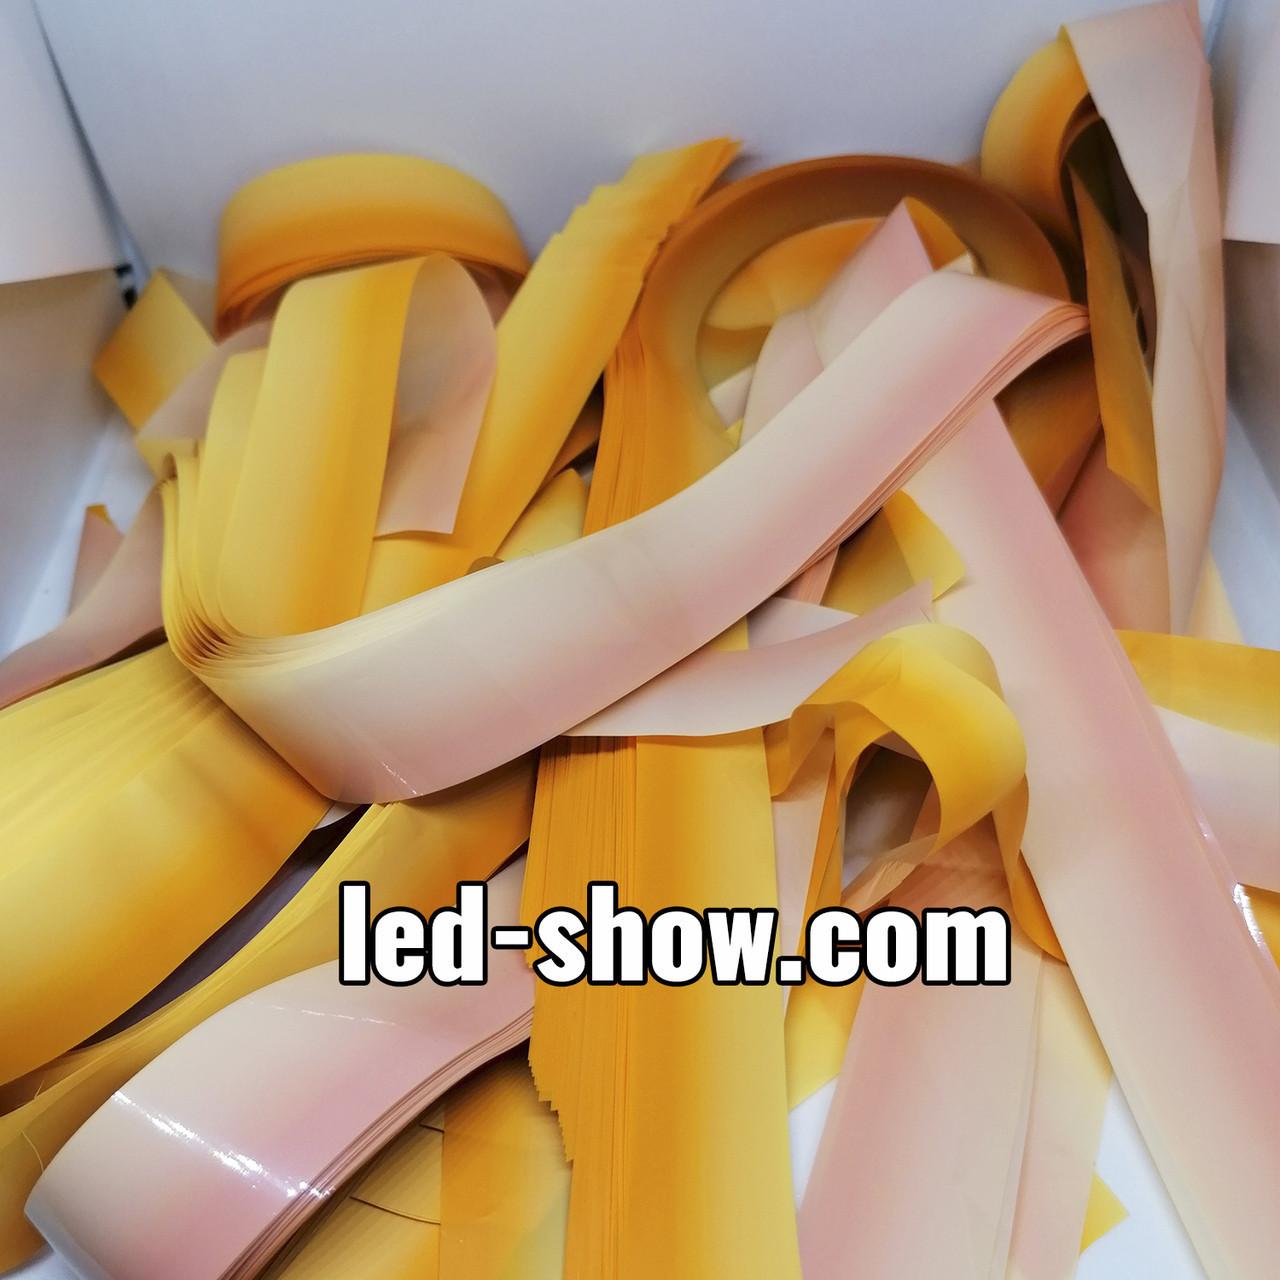 Папір для паперового шоу. Градієнт оранжево-жовтий. Не порошить, не ріже, багаторазова.